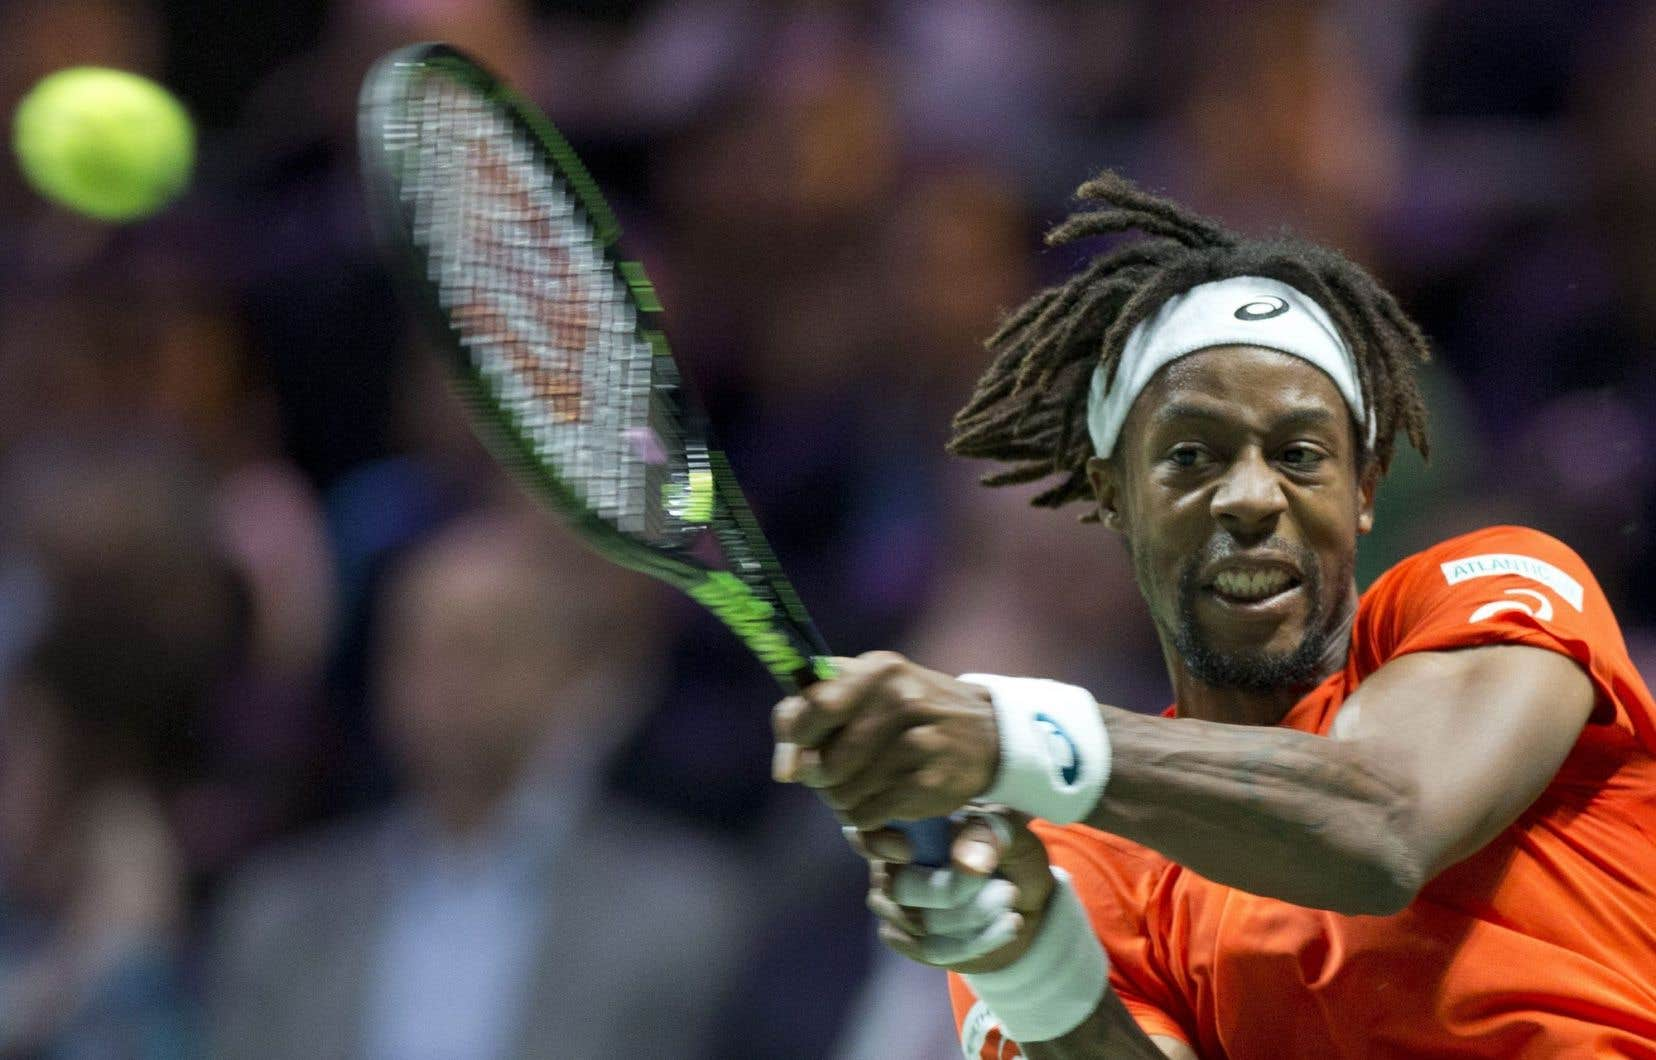 Gaël Monfils a exprimé ses doutes au sujet du long voyage vers la Guadeloupe en pleine saison pour disputer la Coupe Davis.